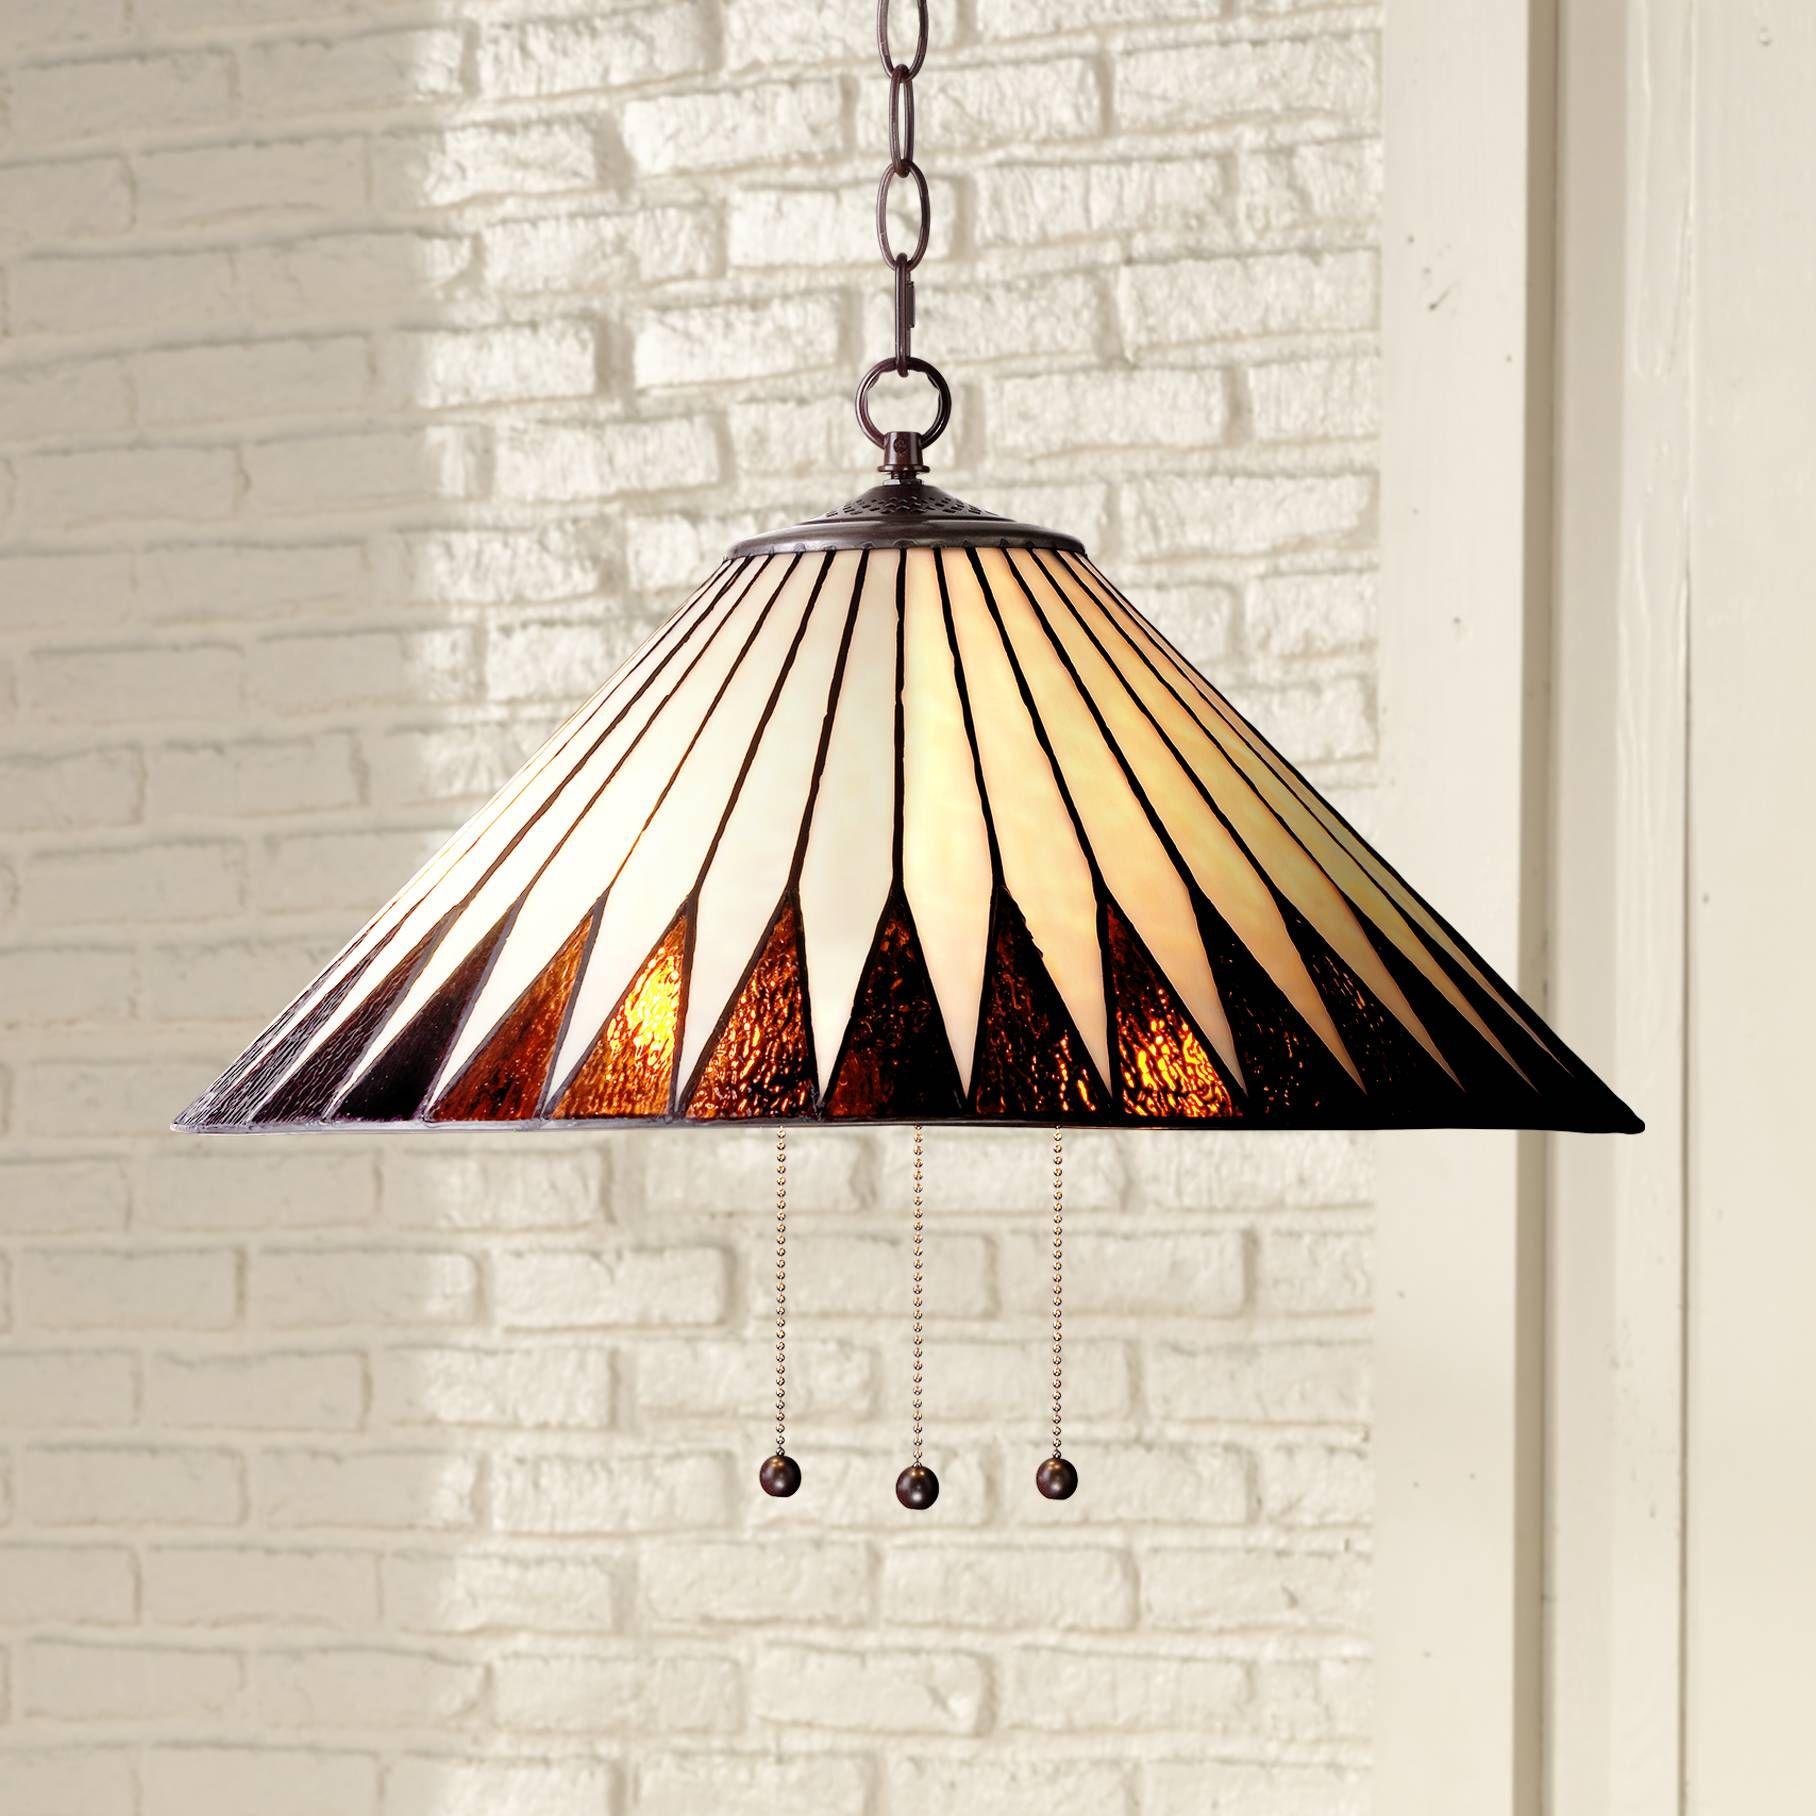 Berühmt Sears Küchenbeleuchtung Zeitgenössisch - Ideen Für Die Küche ...